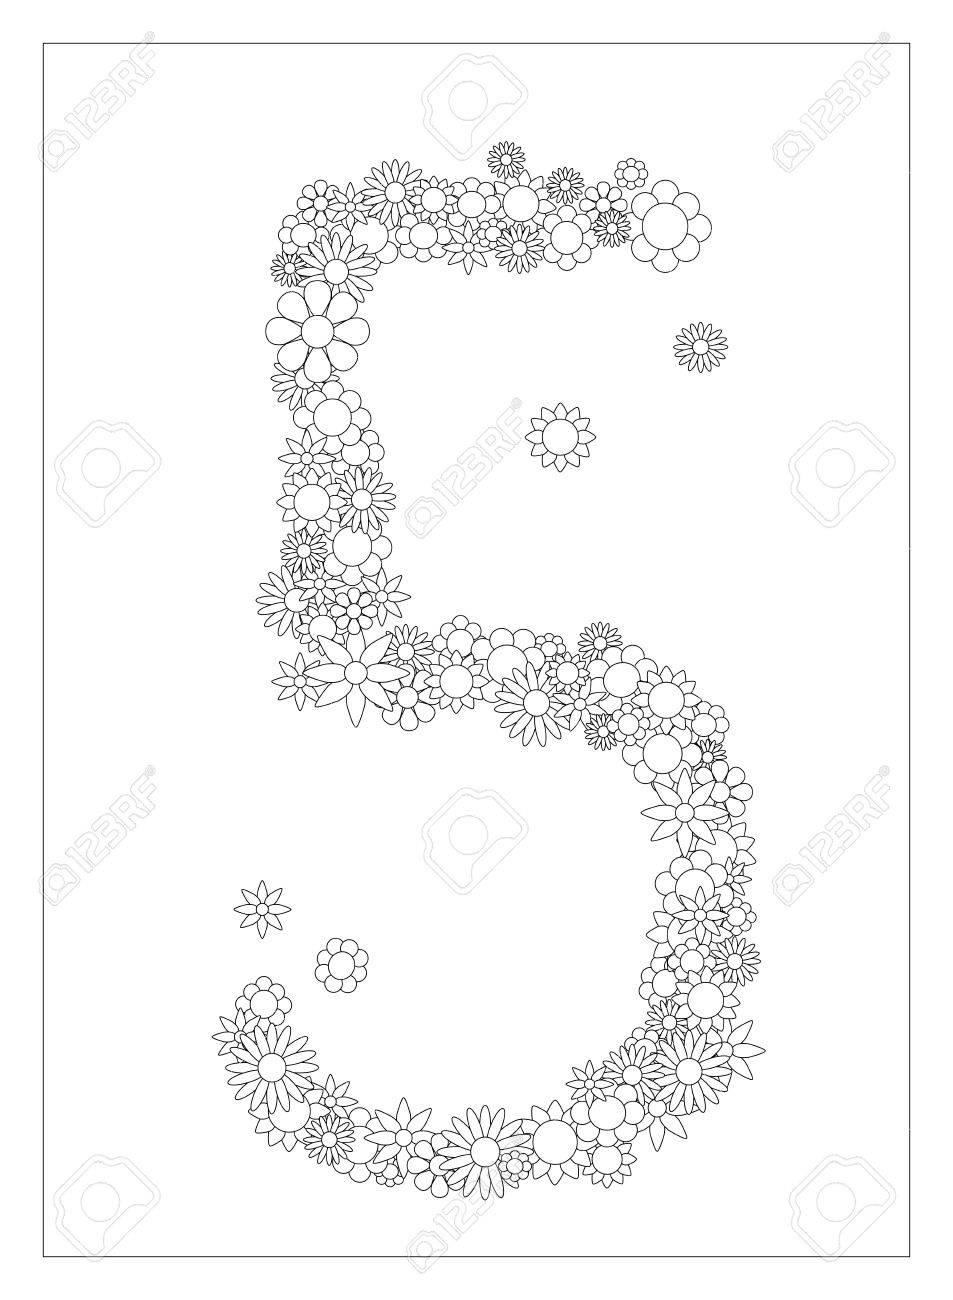 Número Floral 5 Número Cinco De La Página Flores Para Colorear La Ilustración Postal De Bricolaje Con El Lugar Para El Texto Adorno De Flores En